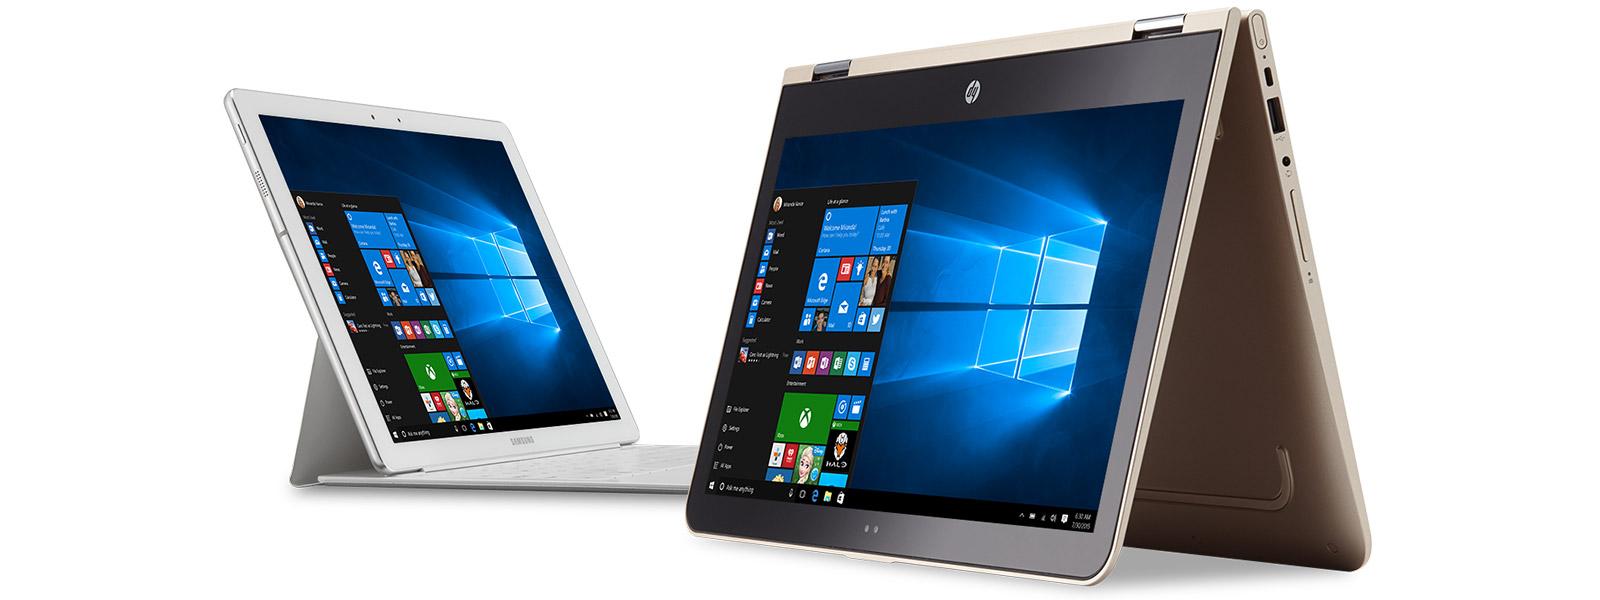 อุปกรณ์ Microsoft ที่มีเมนูเริ่มต้นของ Windows